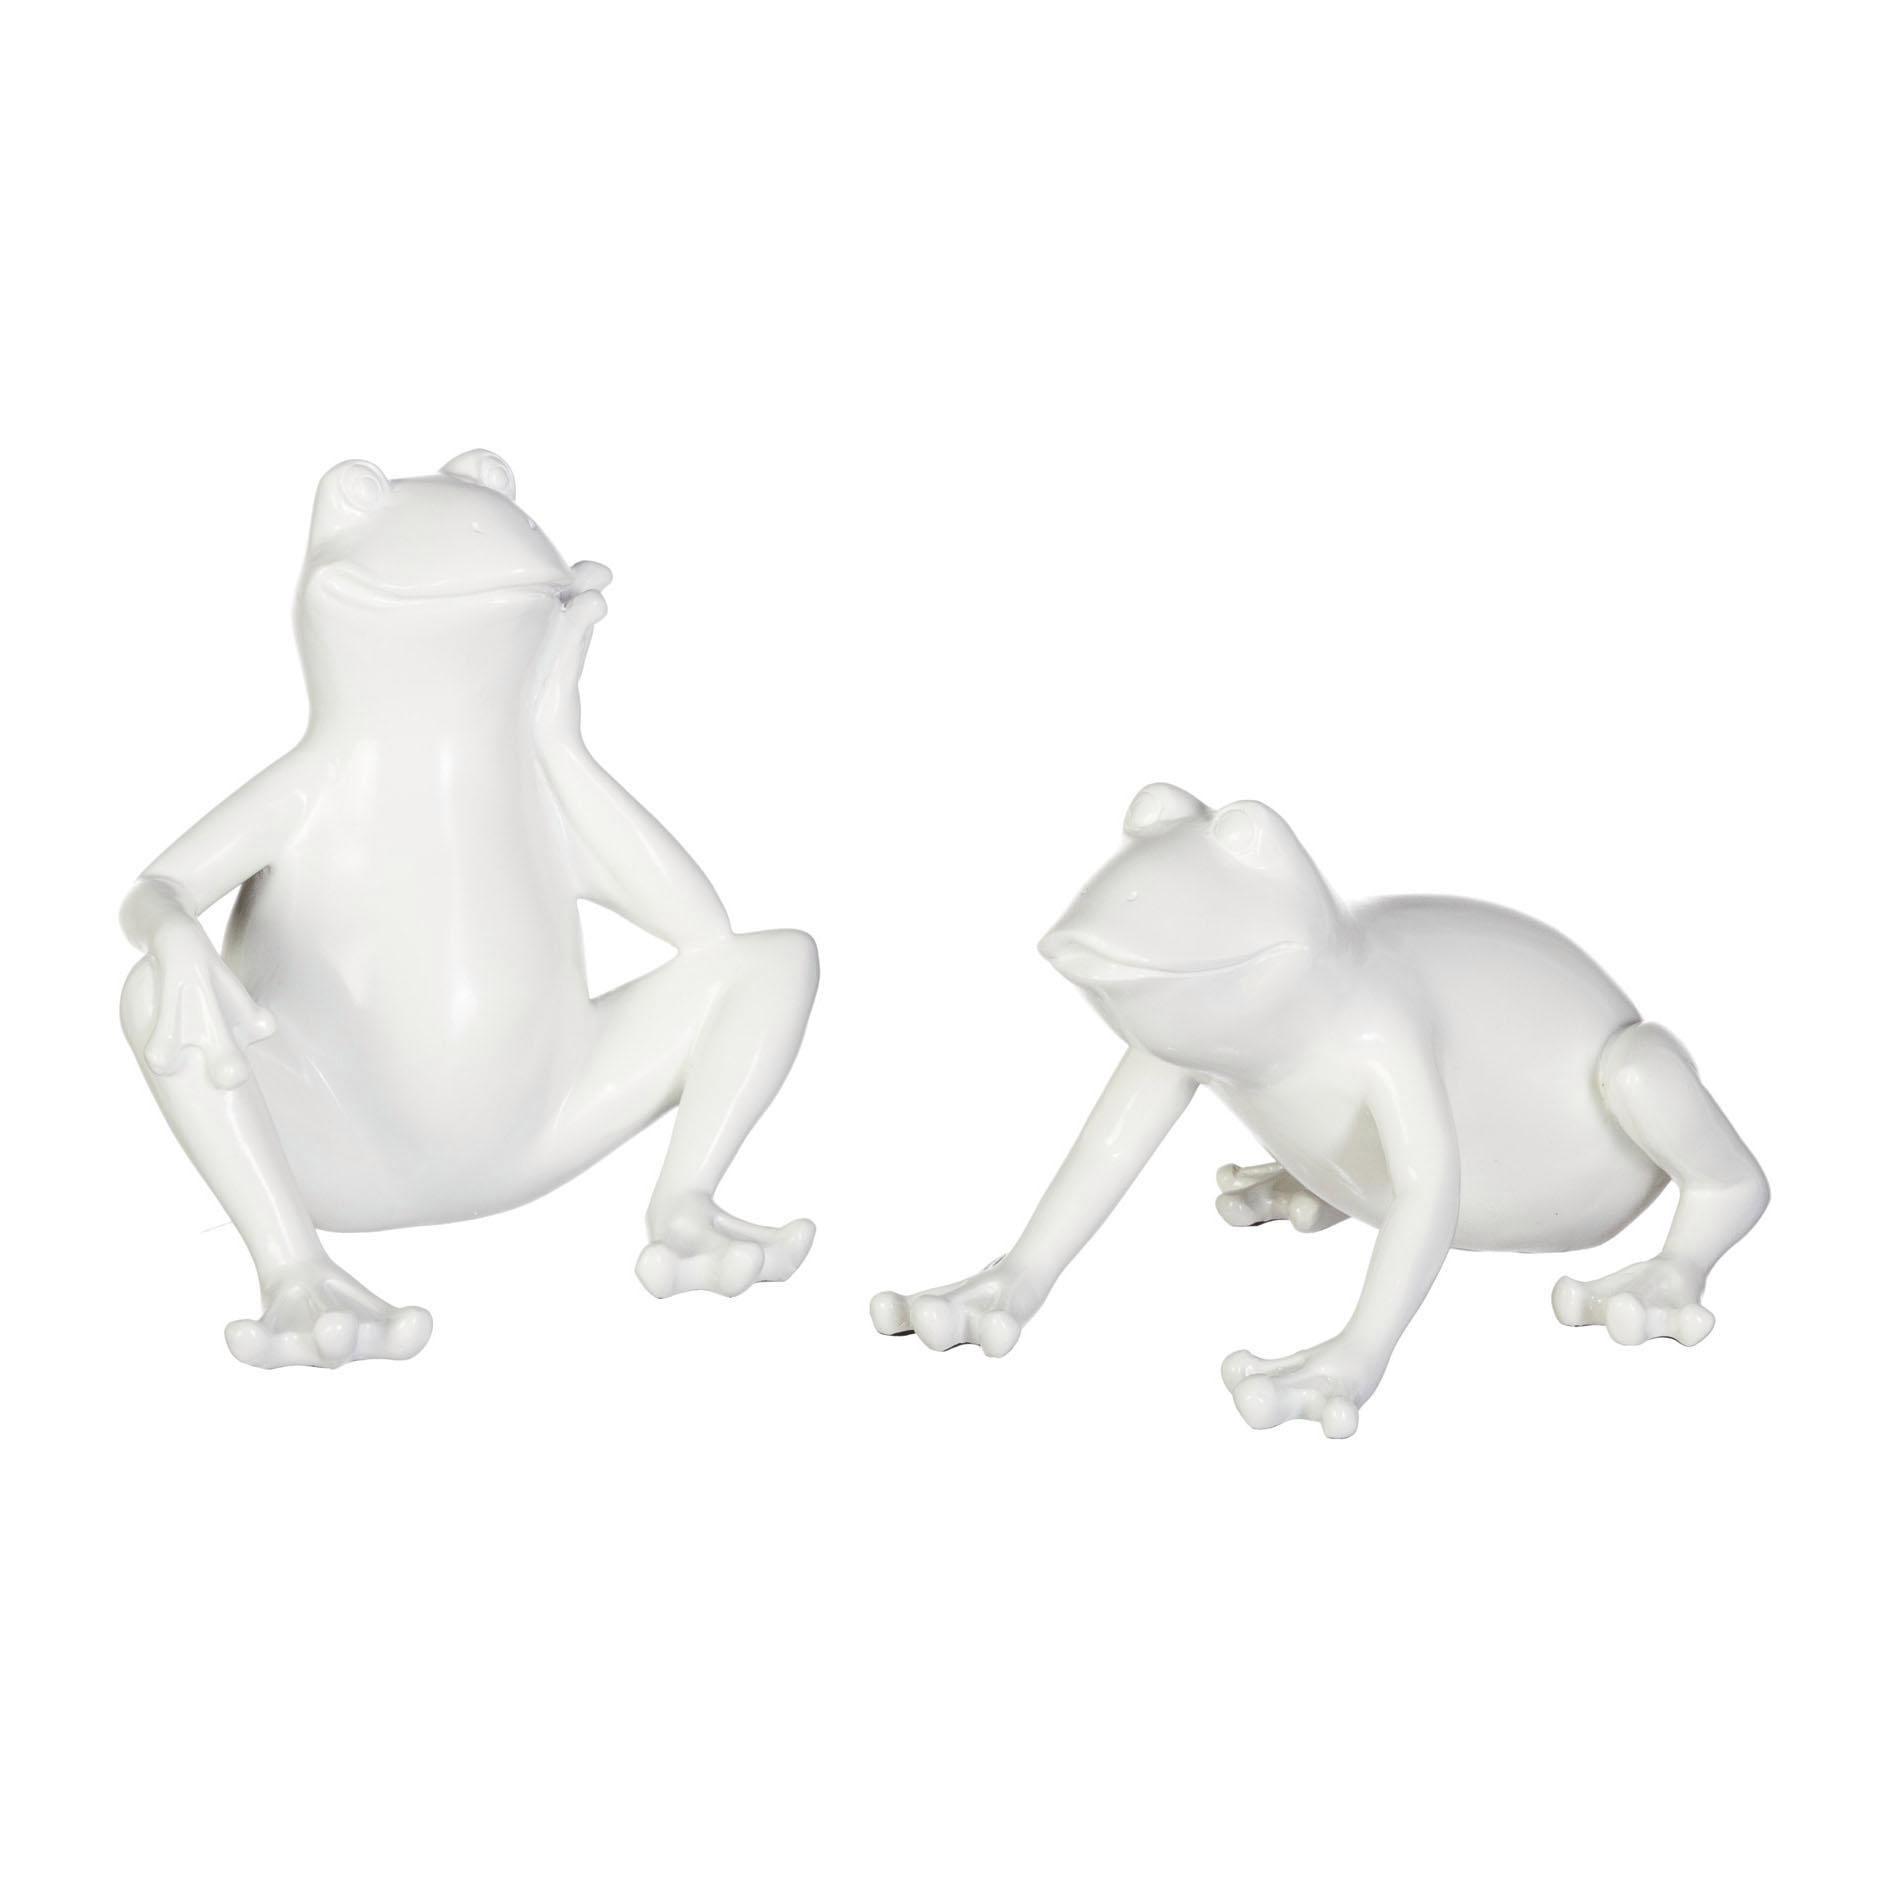 Creativ home Tierfigur, 2er Set weiß Tierfiguren Figuren Skulpturen Wohnaccessoires Tierfigur